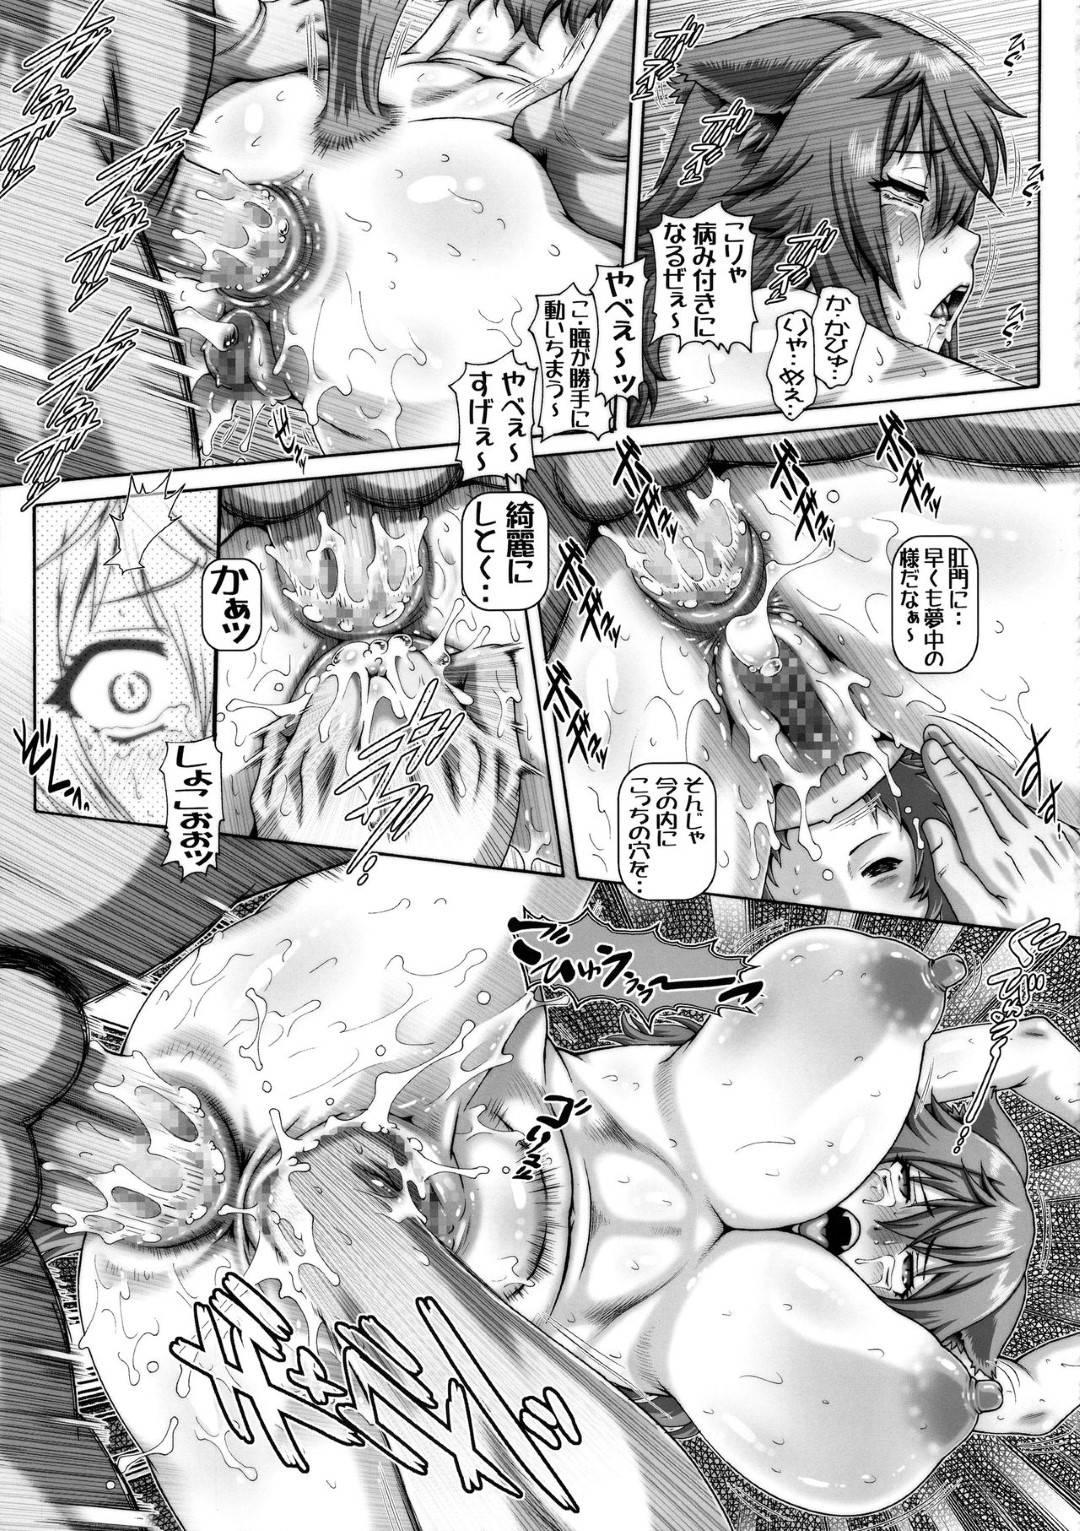 【エロ同人誌】村のために壁尻風俗で身体を売る爆乳美熟女ケモ耳母。男たちに後ろから激しく犯されてイキまくり、友達と一緒に来た息子にまでハメられ二穴同時連続中出しセックスでアヘ顔絶頂堕ち【オリジナル/C97】